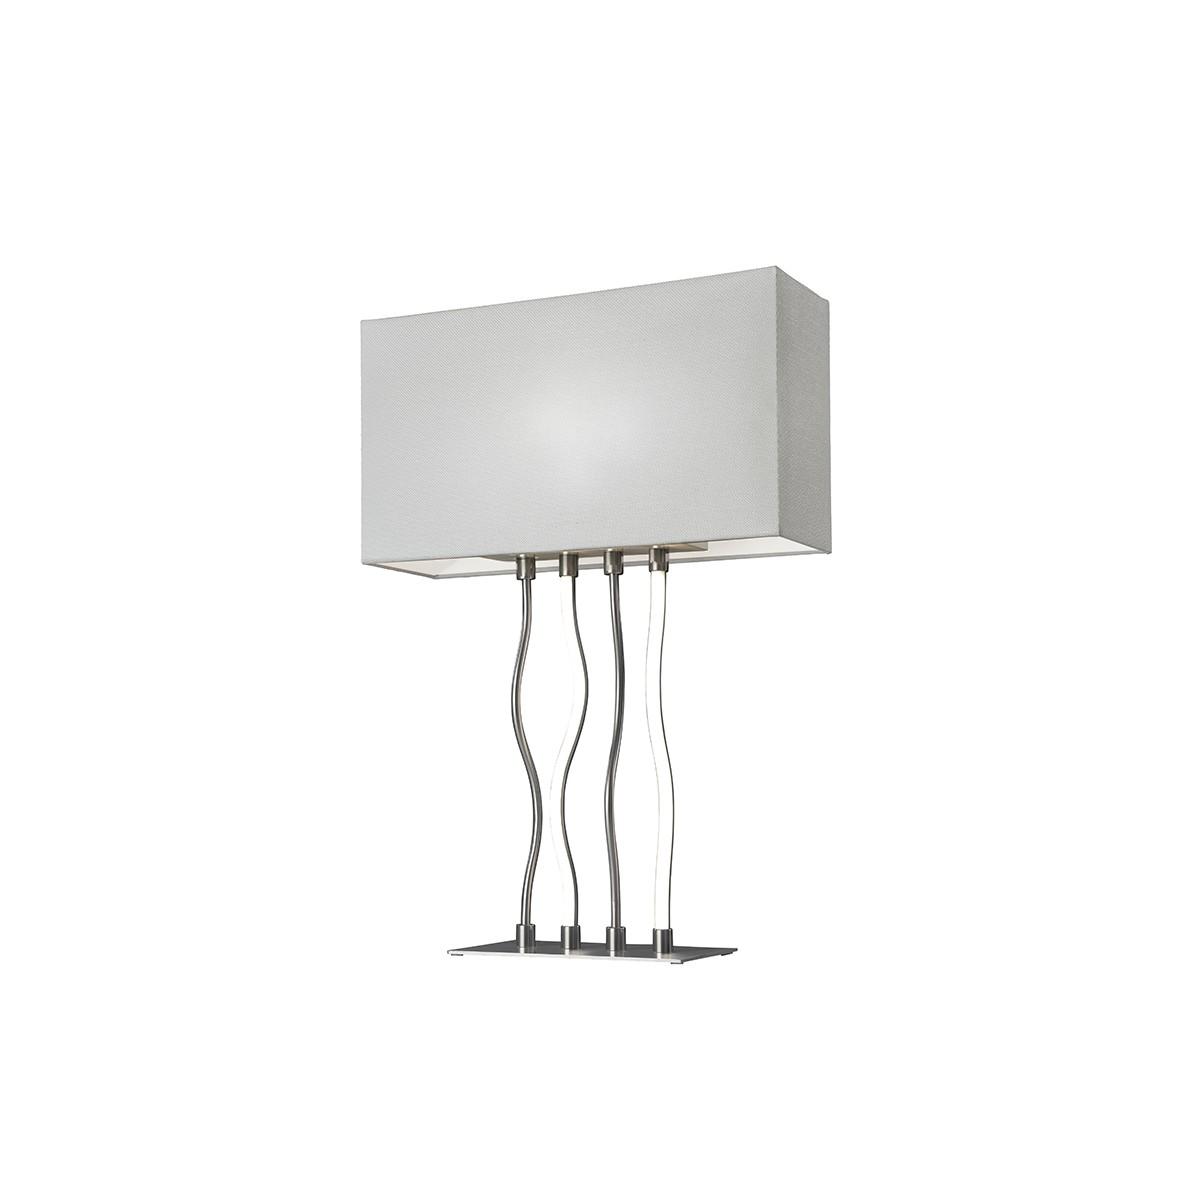 Sompex Viper LED Tischleuchte, Metall - Textil weiß